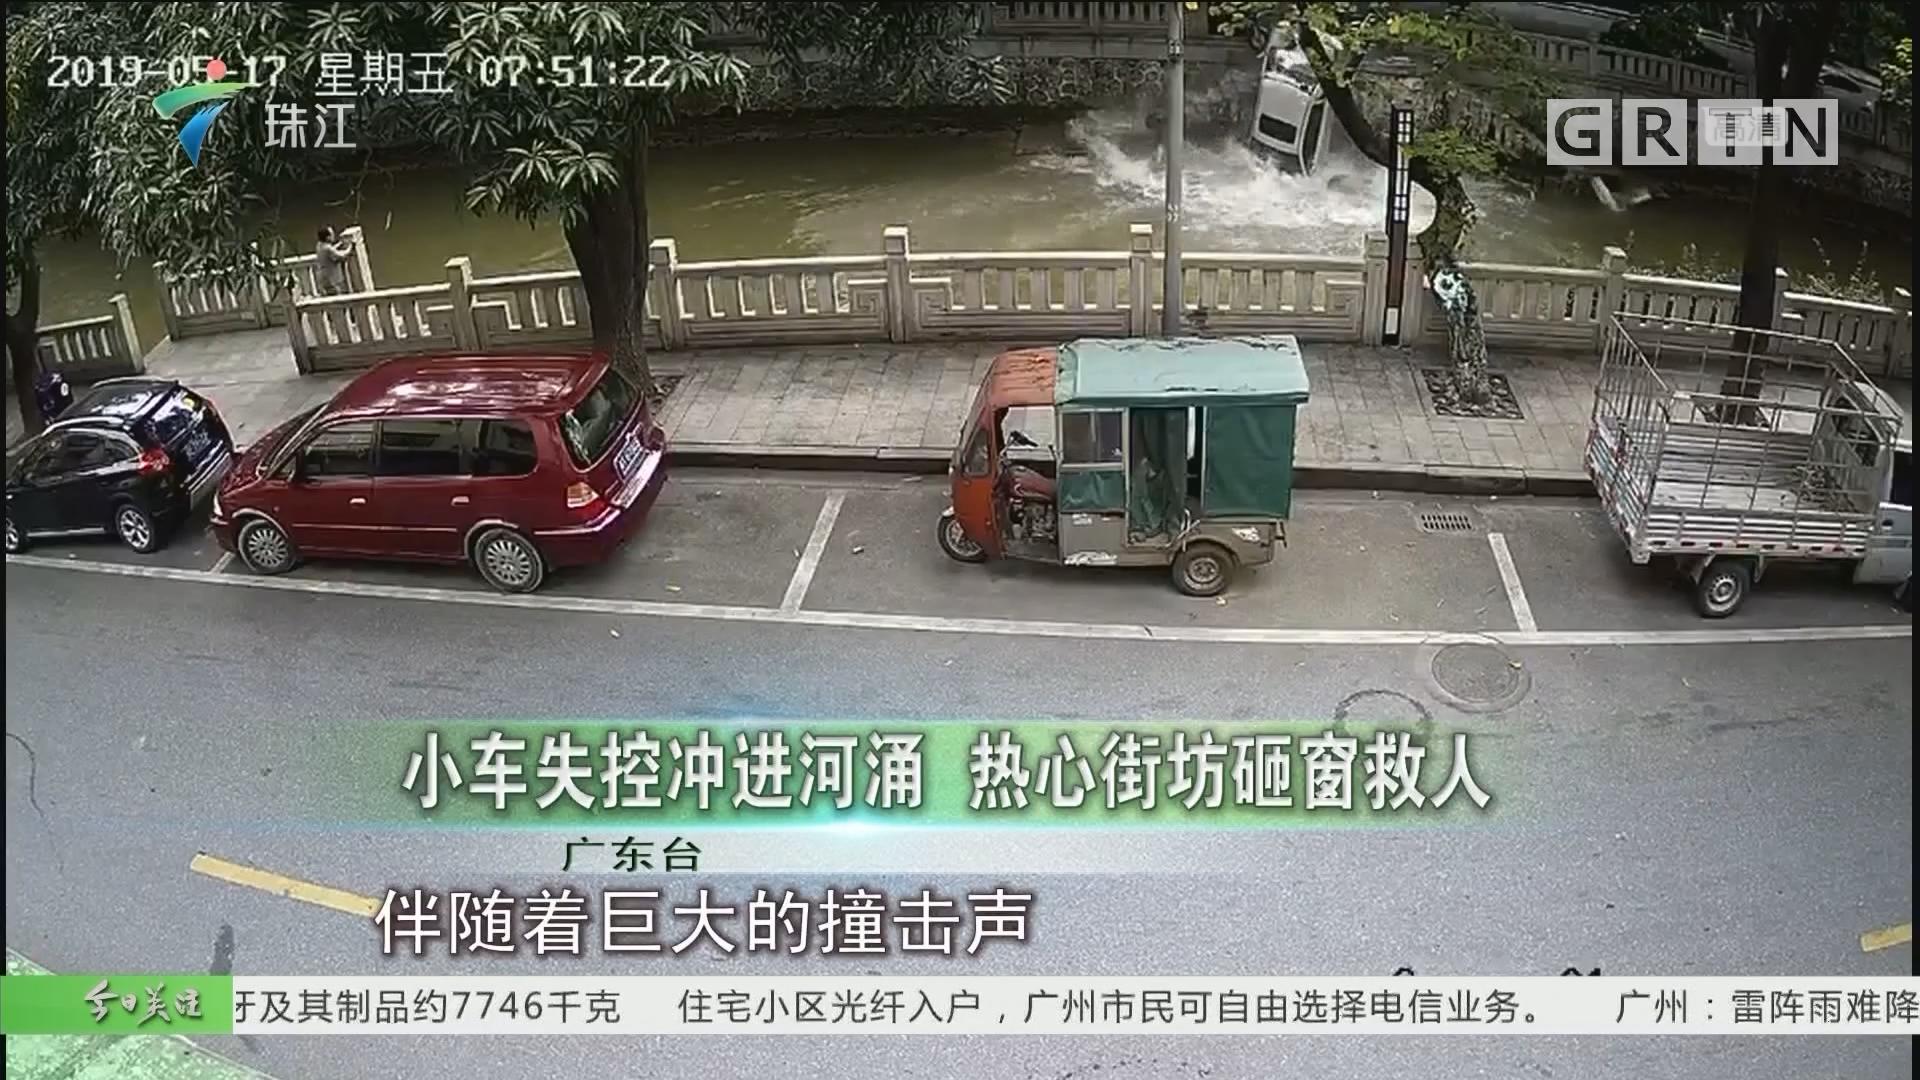 小车失控冲进河涌 热心街坊砸窗救人